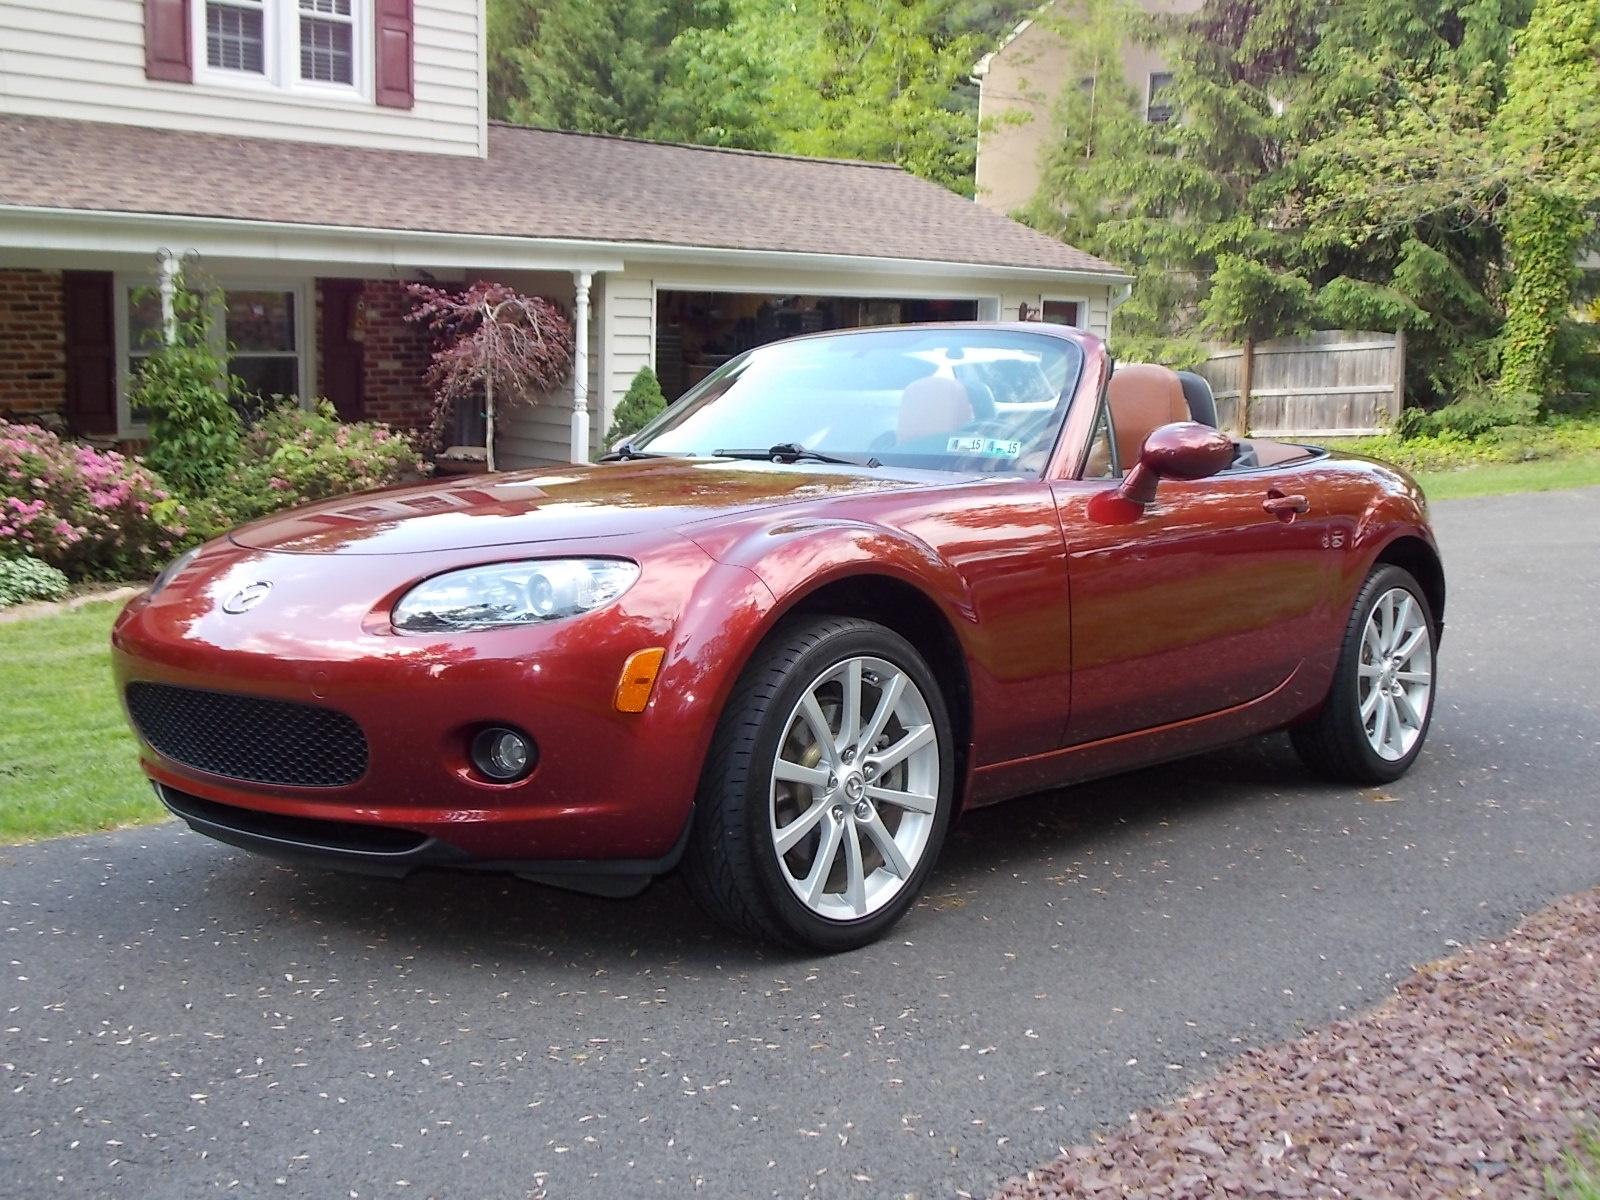 2007 Mazda Mx 5 Miata Pictures Cargurus